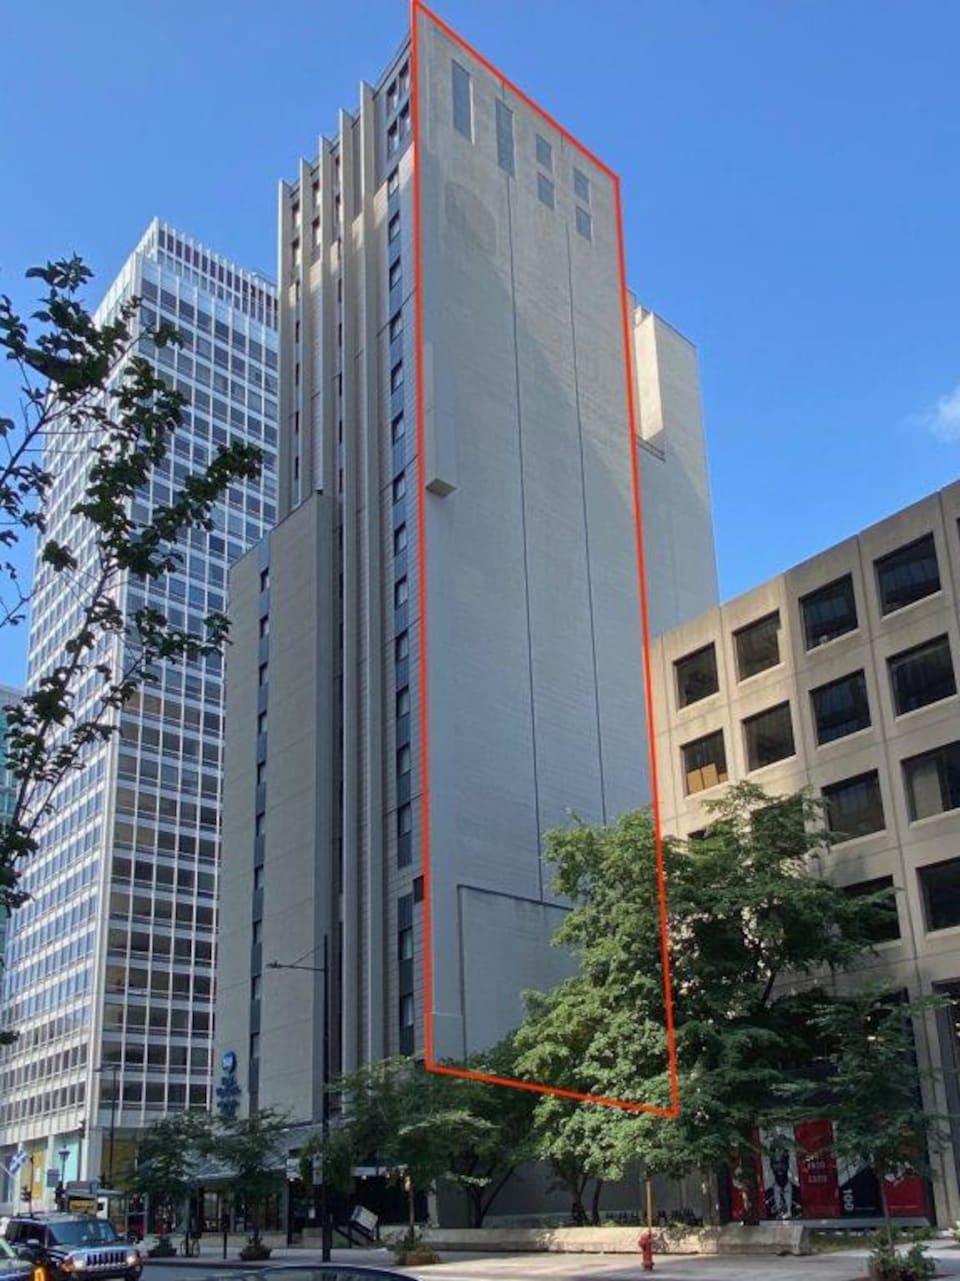 Une façade d'immeuble est mise en évidence grâce à un encadré rectangulaire rouge.